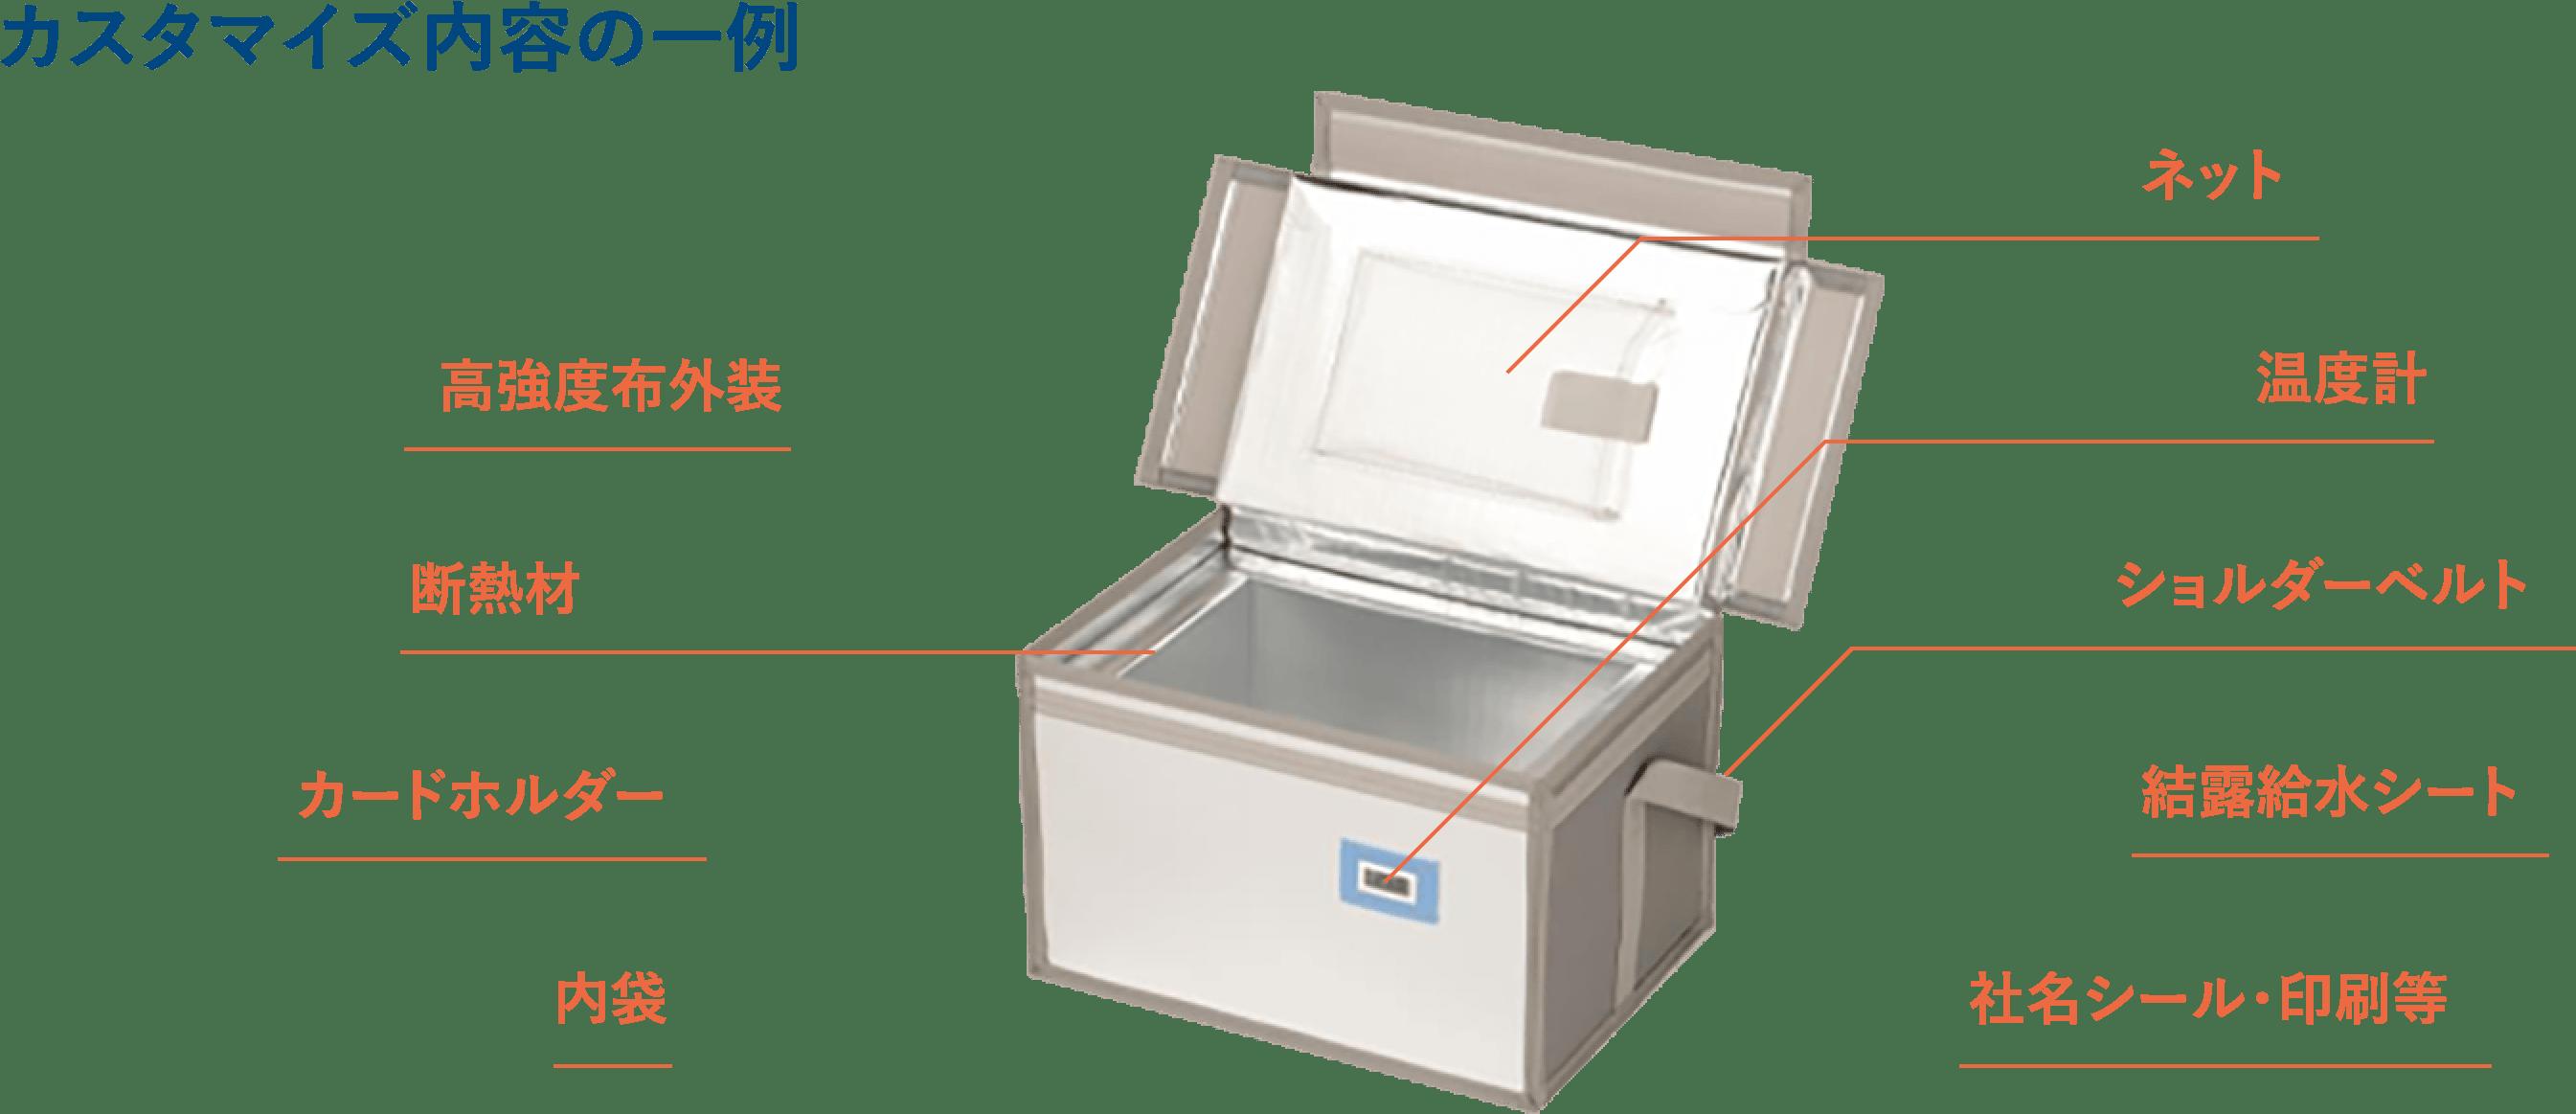 保冷ボックス・保温ボックスを製造しています